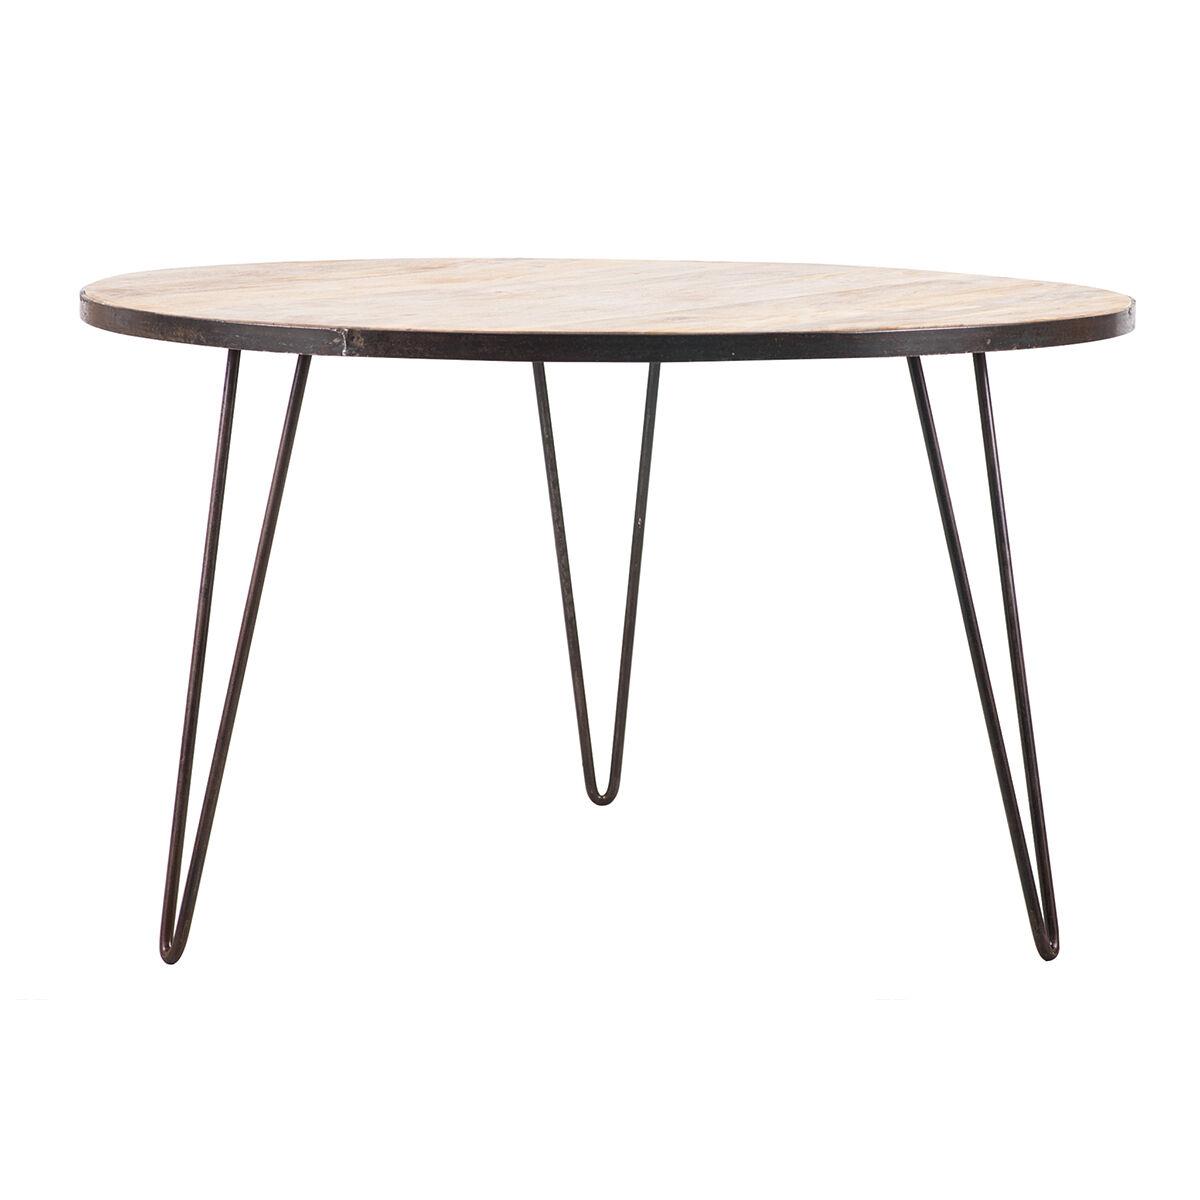 Miliboo Table à manger ronde industrielle manguier massif et métal D125 cm ATELIER